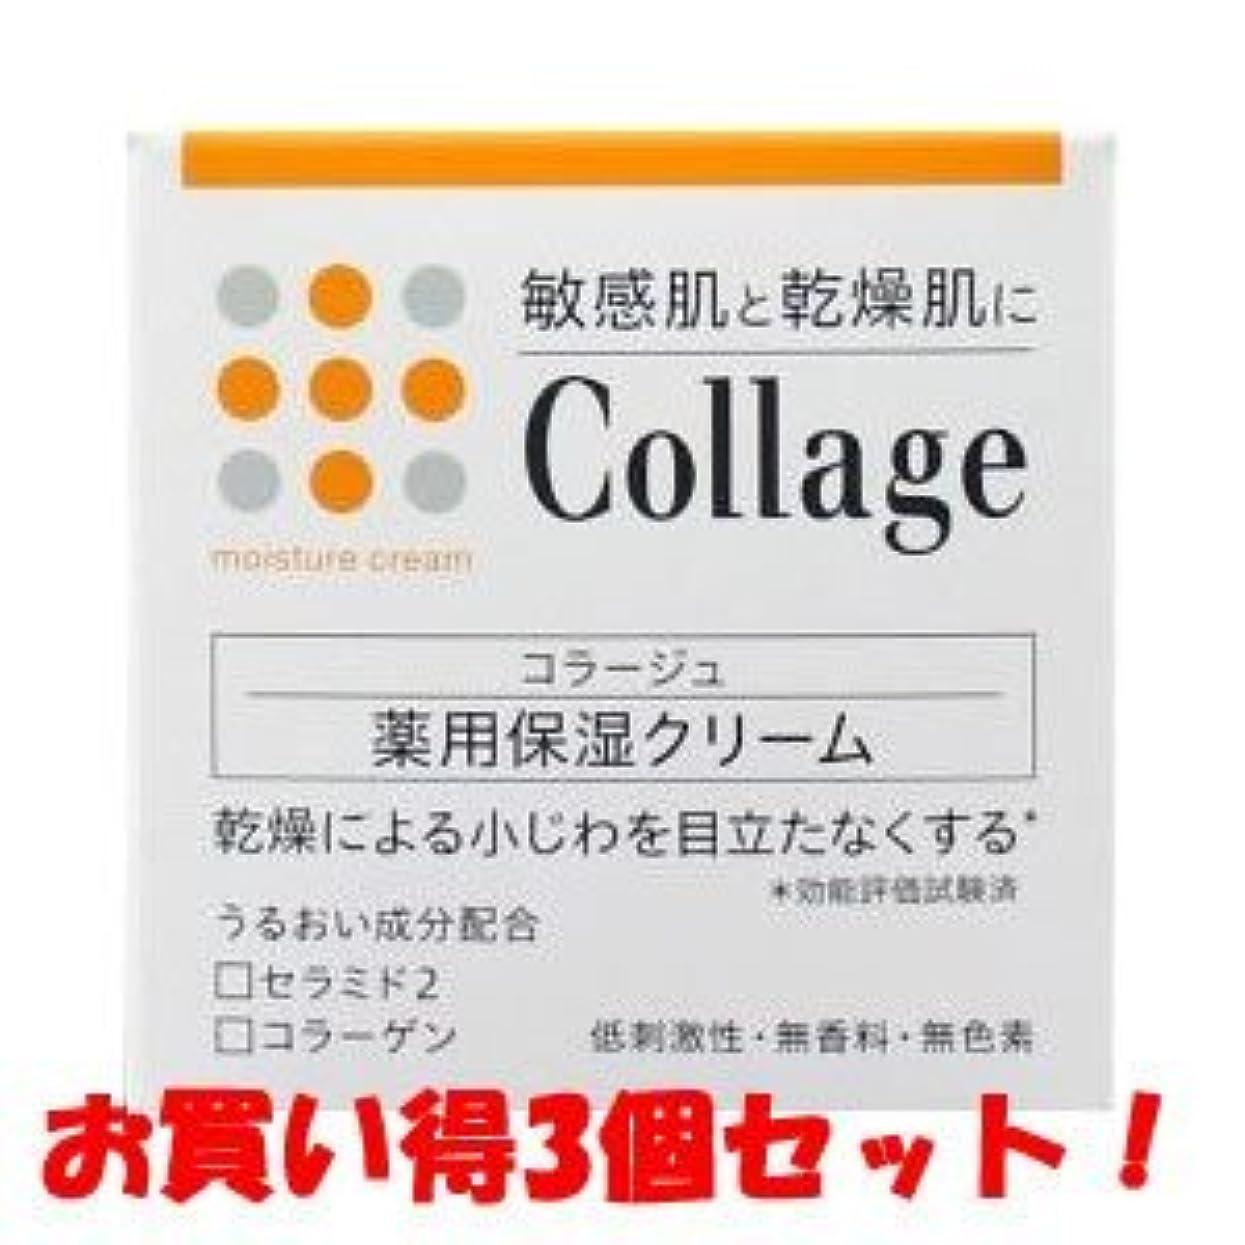 疑い者微視的バーベキュー(持田ヘルスケア)コラージュ 薬用保湿クリーム 30g(医薬部外品)(お買い得3個セット)